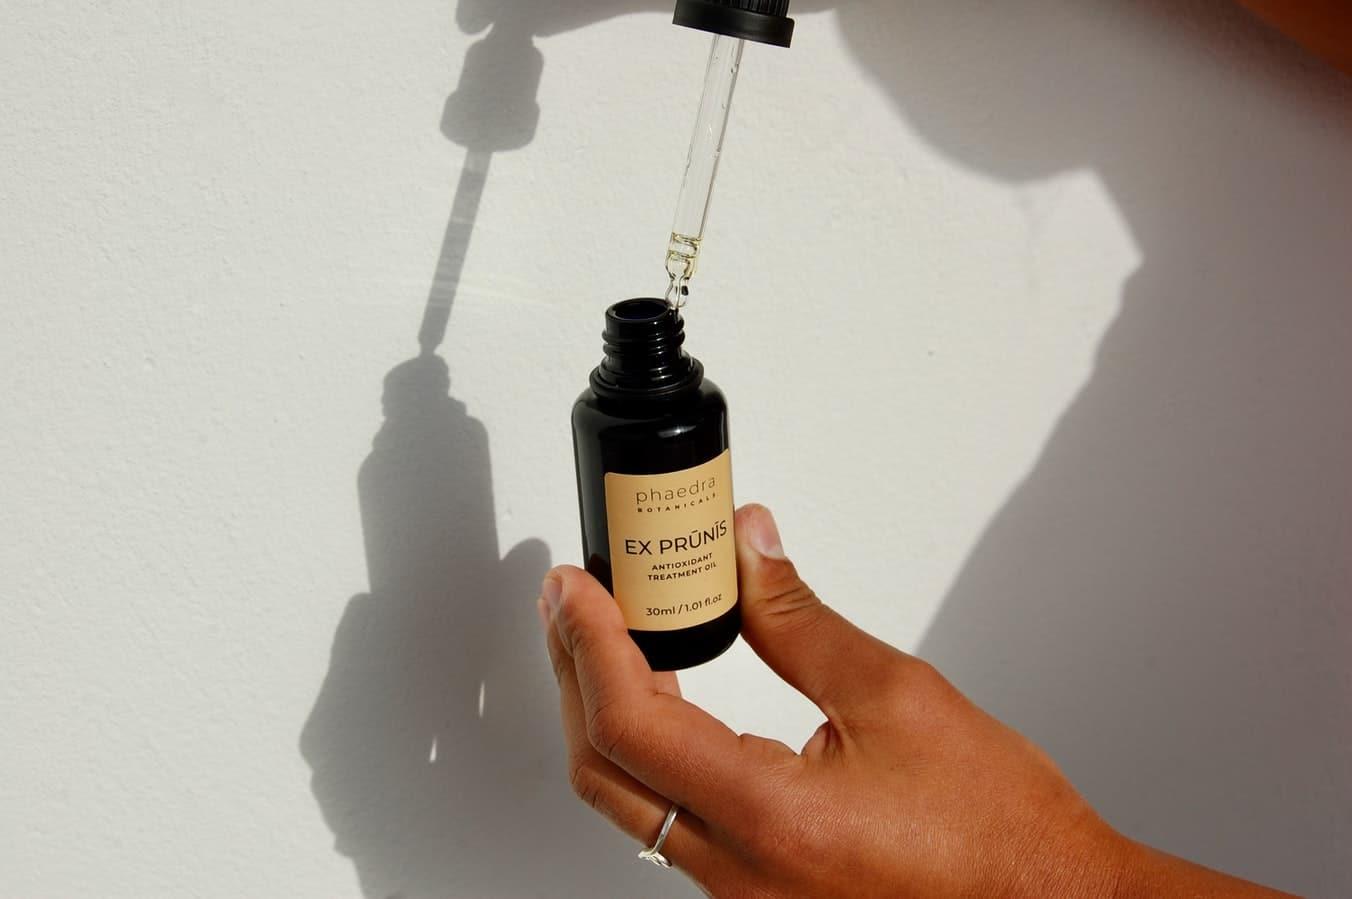 huile végétale prune fiole bronzage été autobronzant naturel